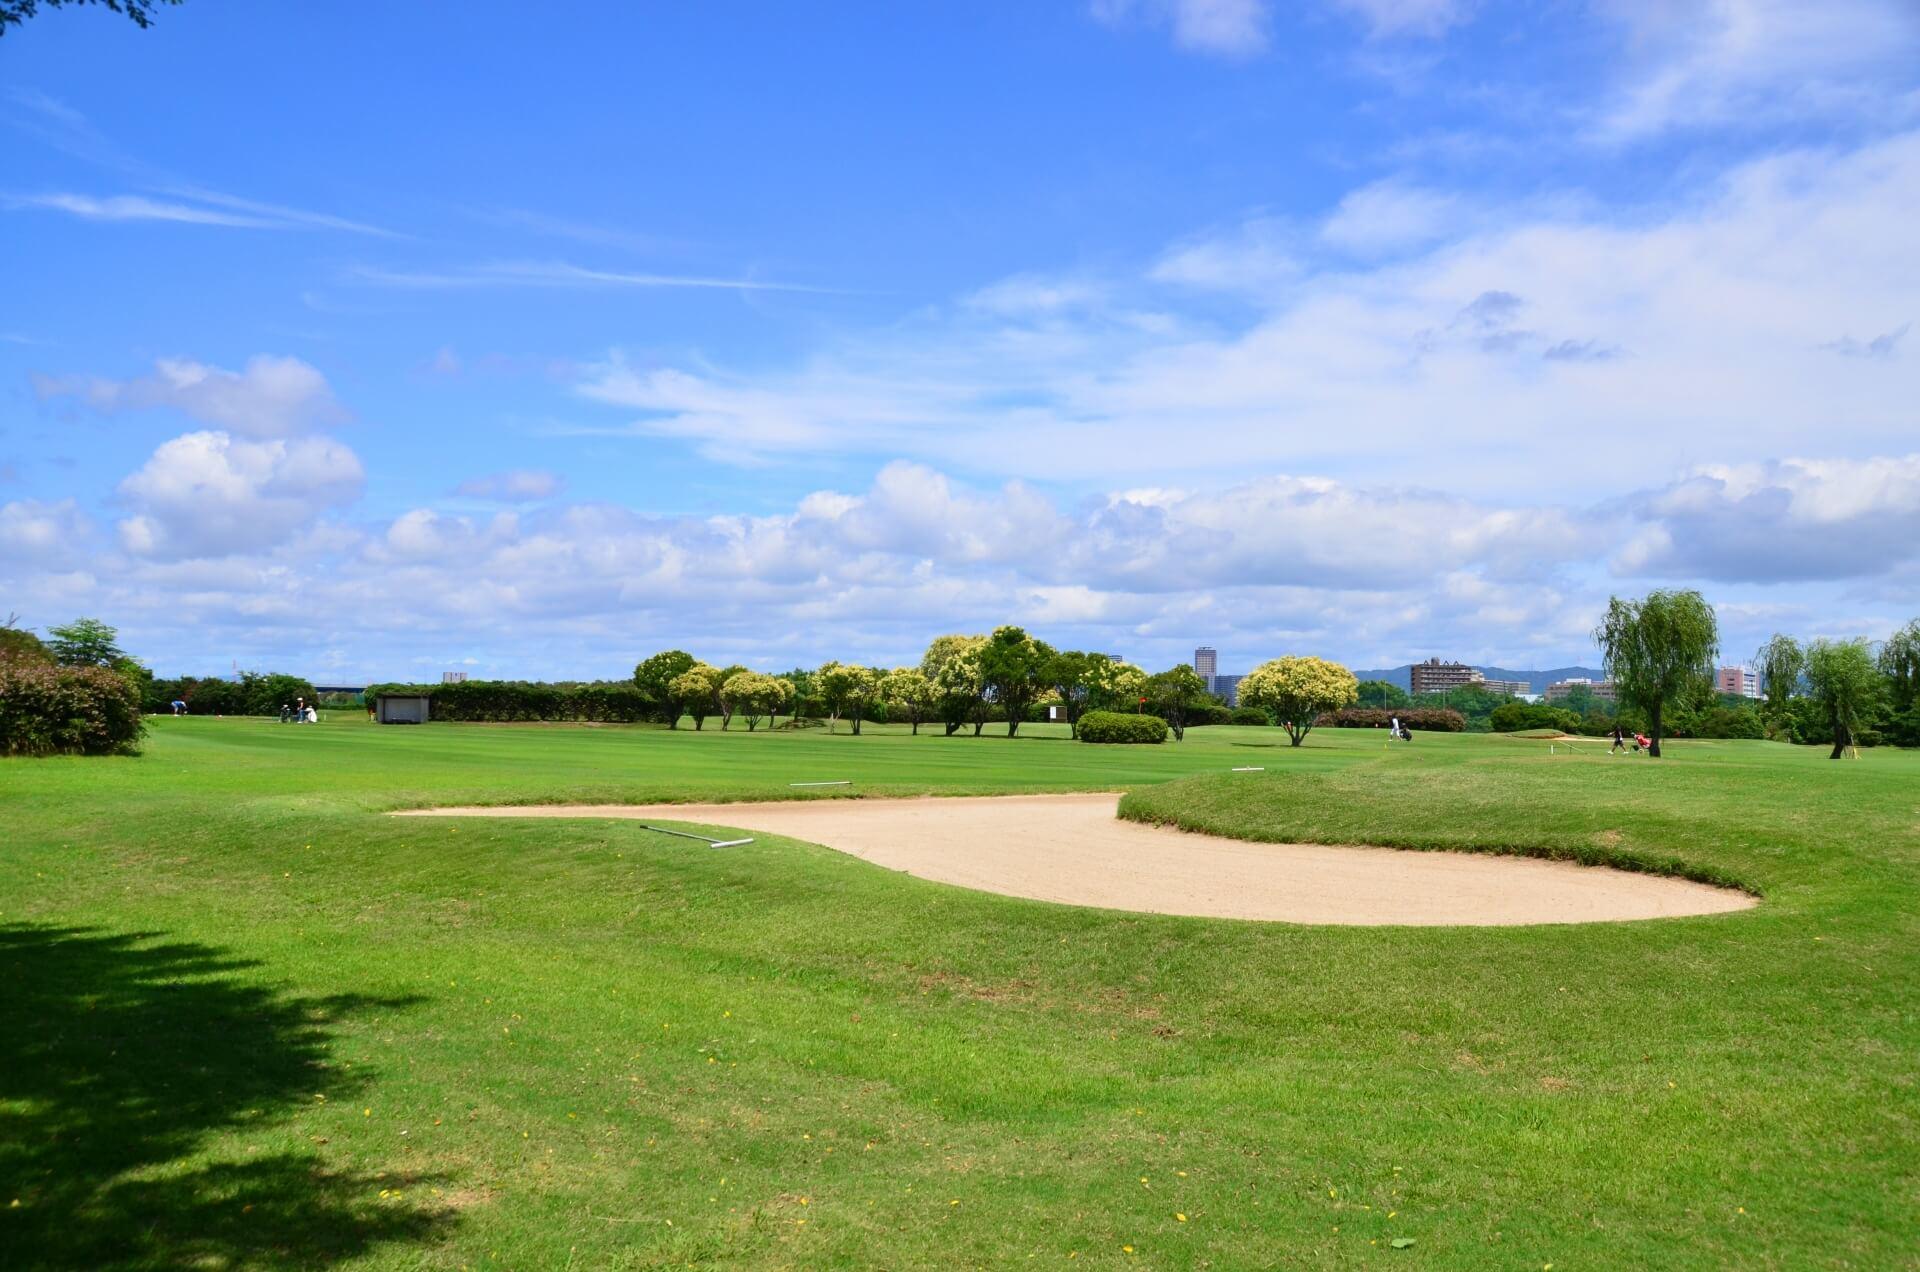 ゴルフのラウンドあたりに消費されるカロリー量は?